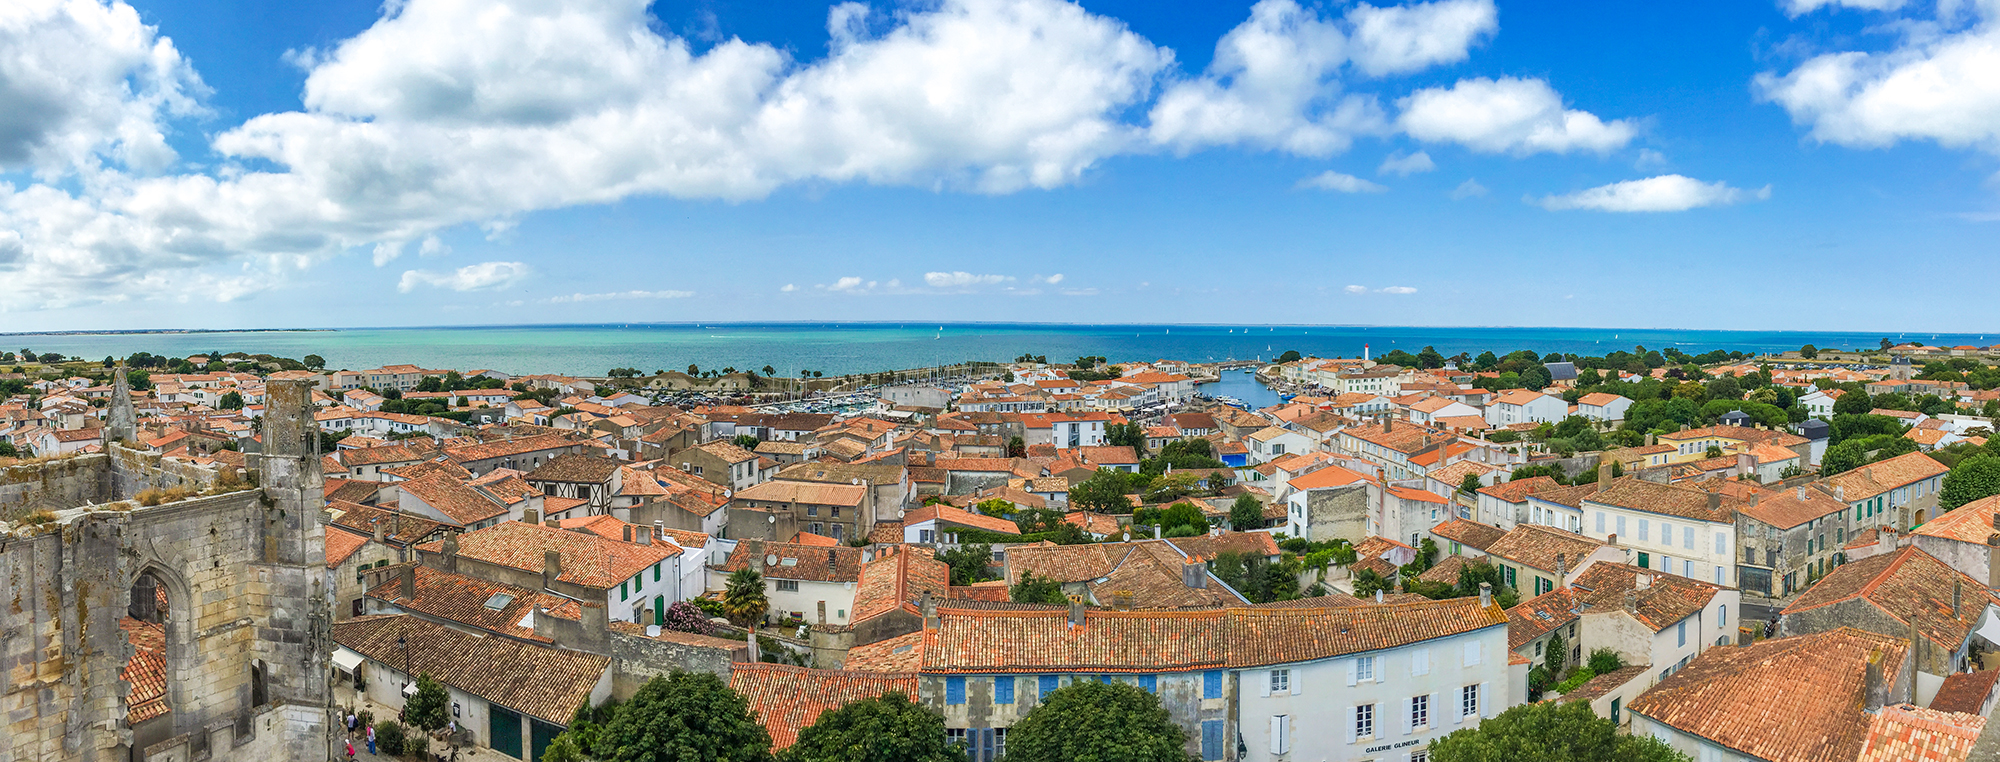 Панорама Сен-Мартен-де-Рé  (кликнув, можно увеличить)